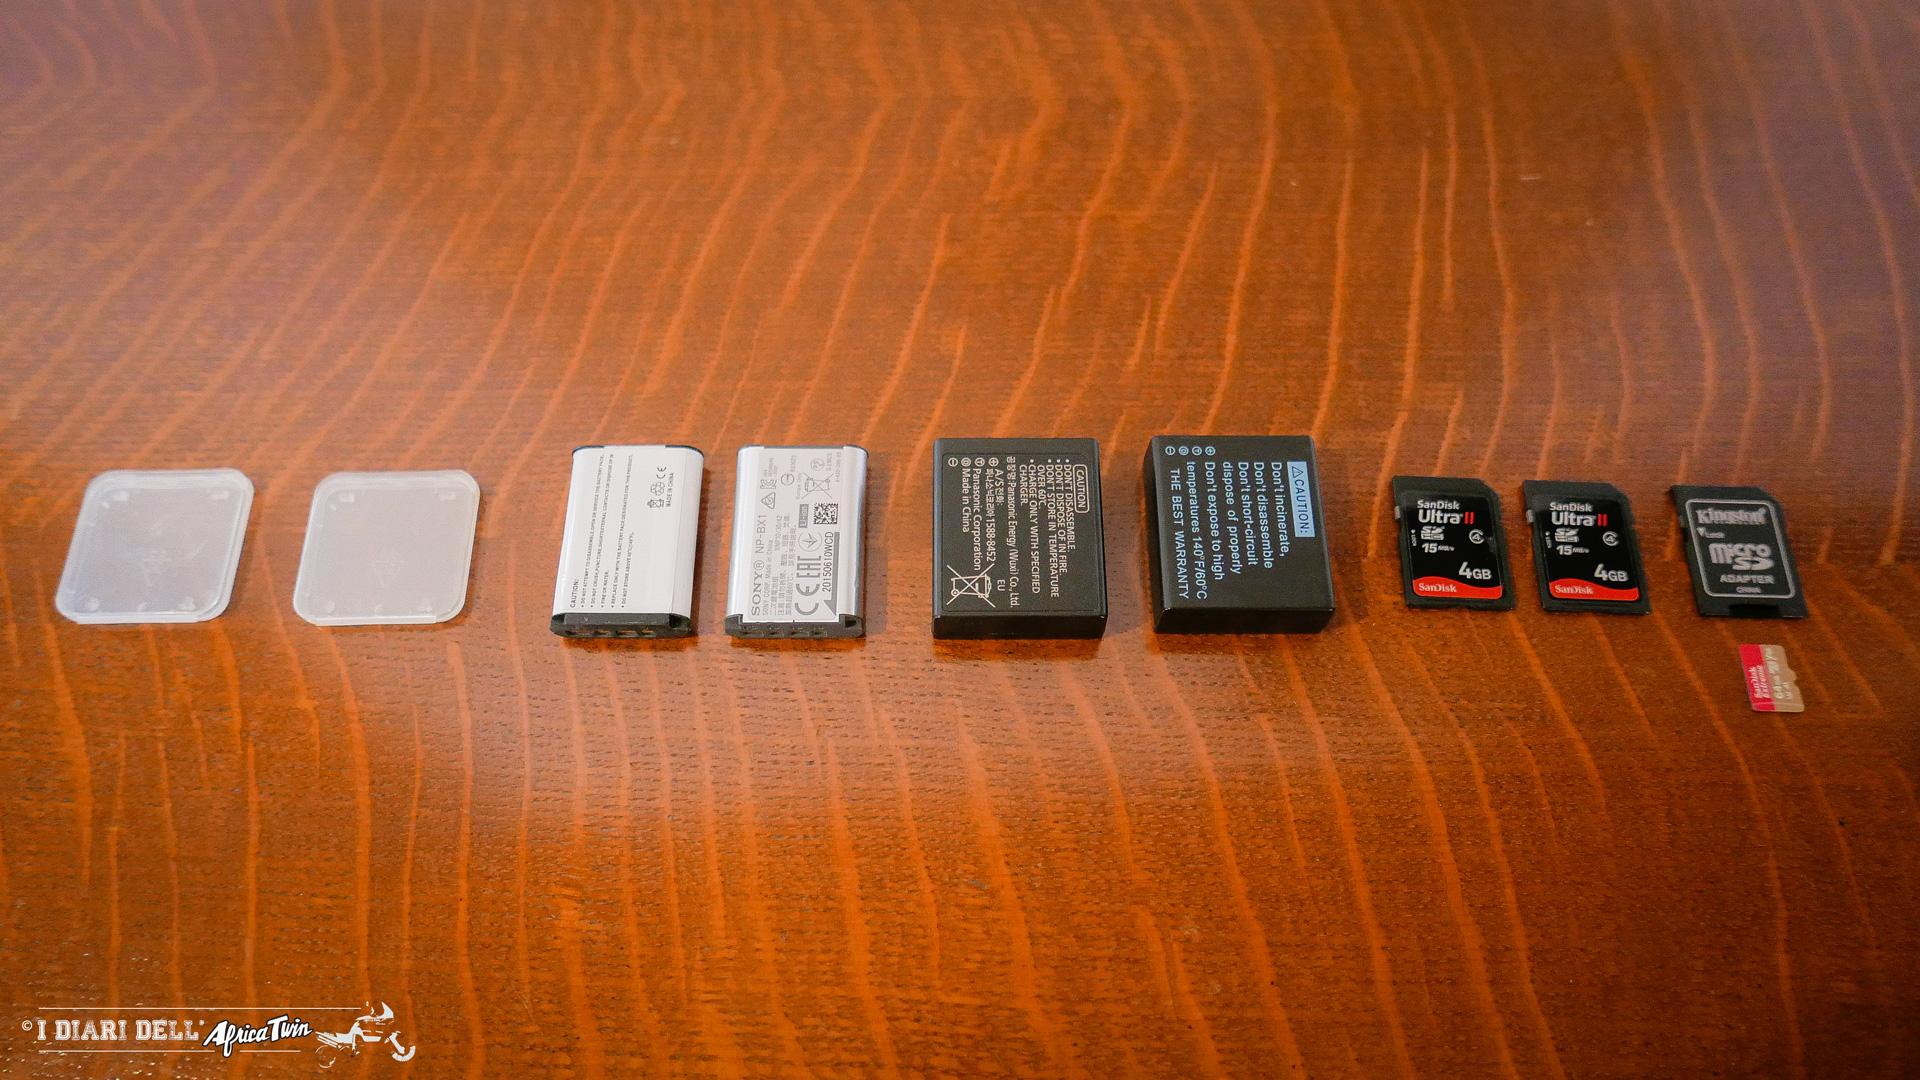 attrezzatura foto e video per viaggi in moto batterie e schede memoria